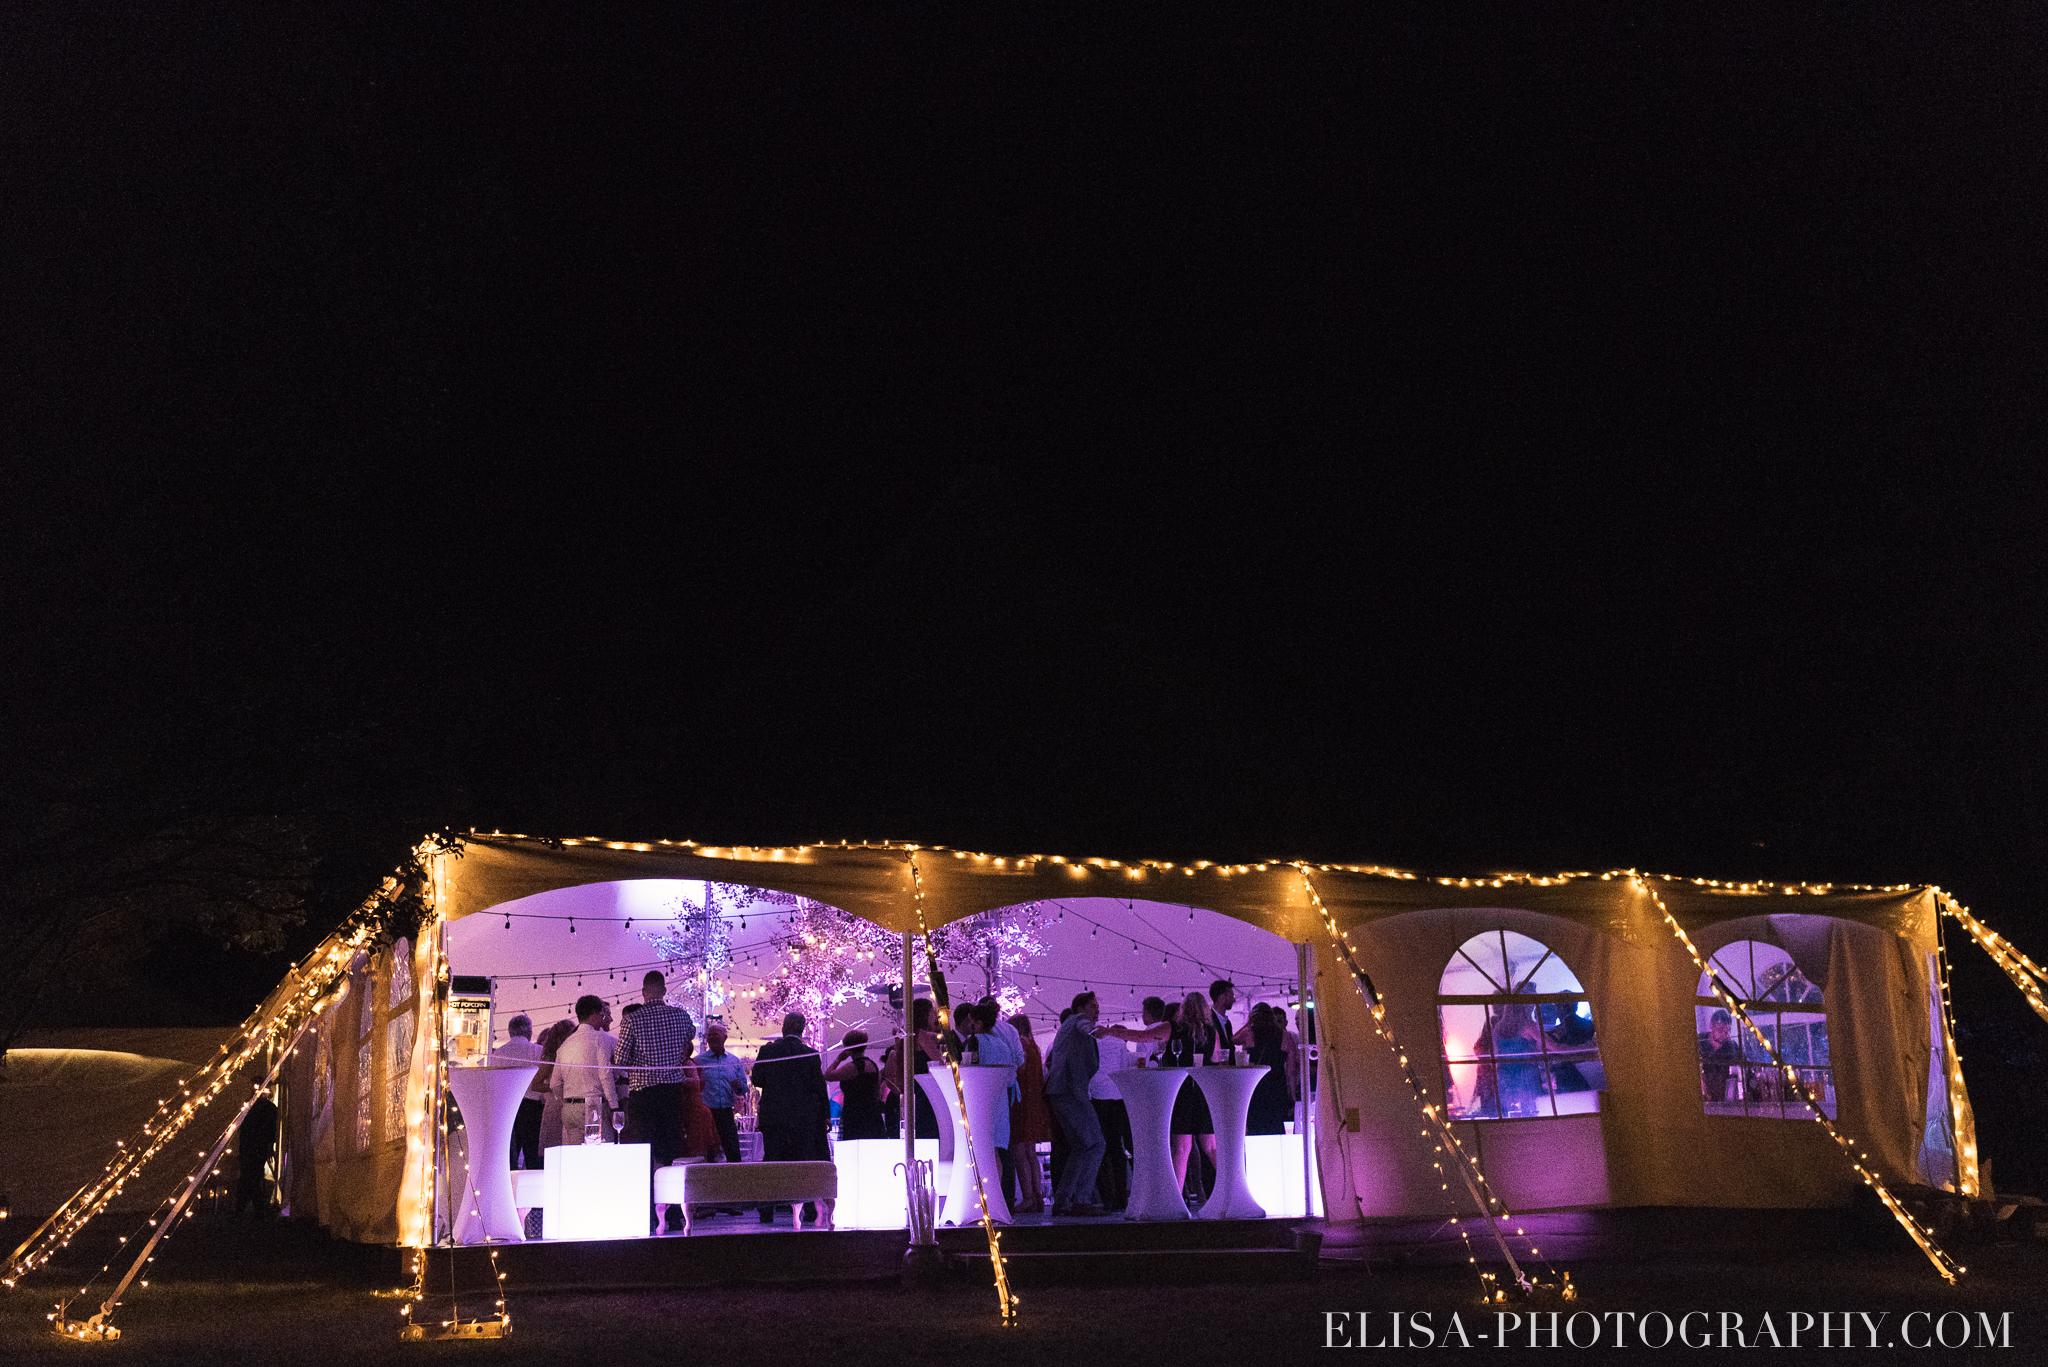 photo mariage reception fete danse projecteur chapiteau chic ville de quebec domaine prive estate bord de l eau 5544 - Mariage sur un domaine privé au bord de l'eau: Emmanuelle & Marc-Antoine